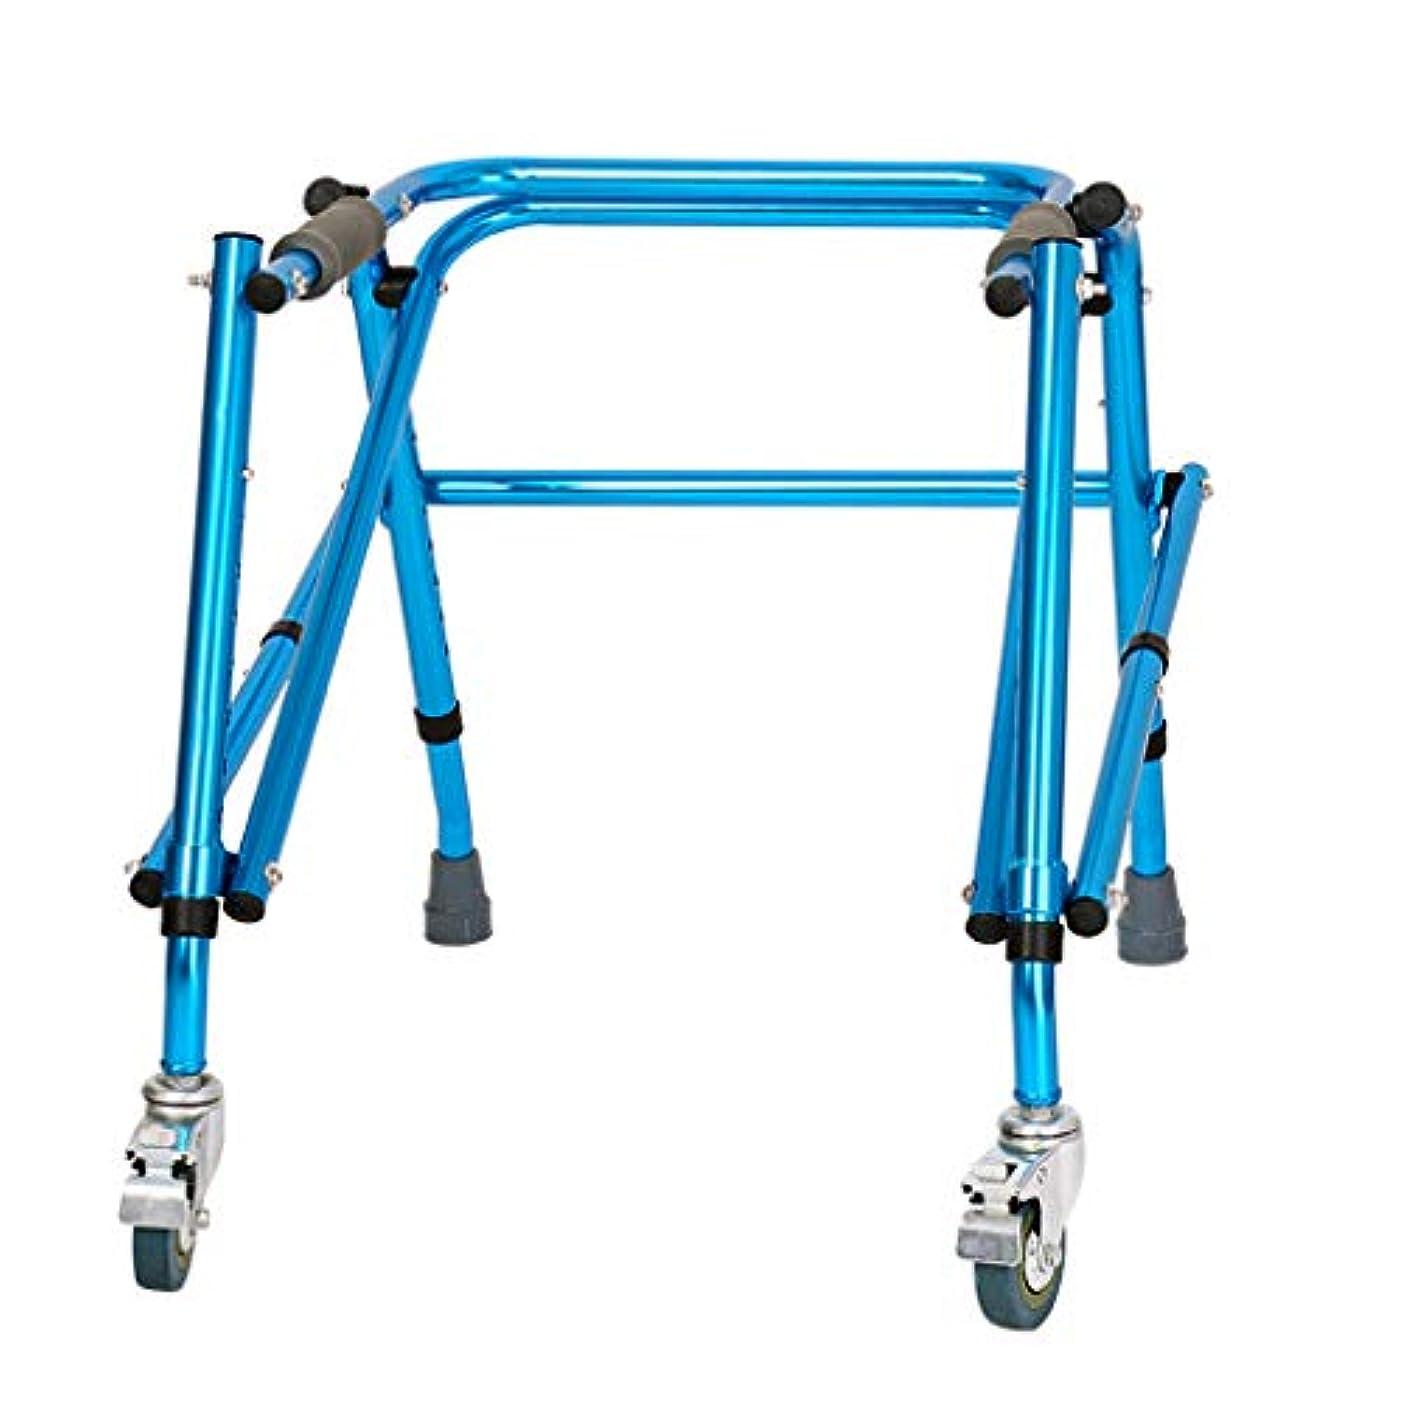 批評一見測定可能LINrxl 子供下肢トレーニングとリハビリテーション機器/立ち歩行スタンド/ウォークエイド/ウォーカー/スタンドフレーム付きホイールリハビリ機器